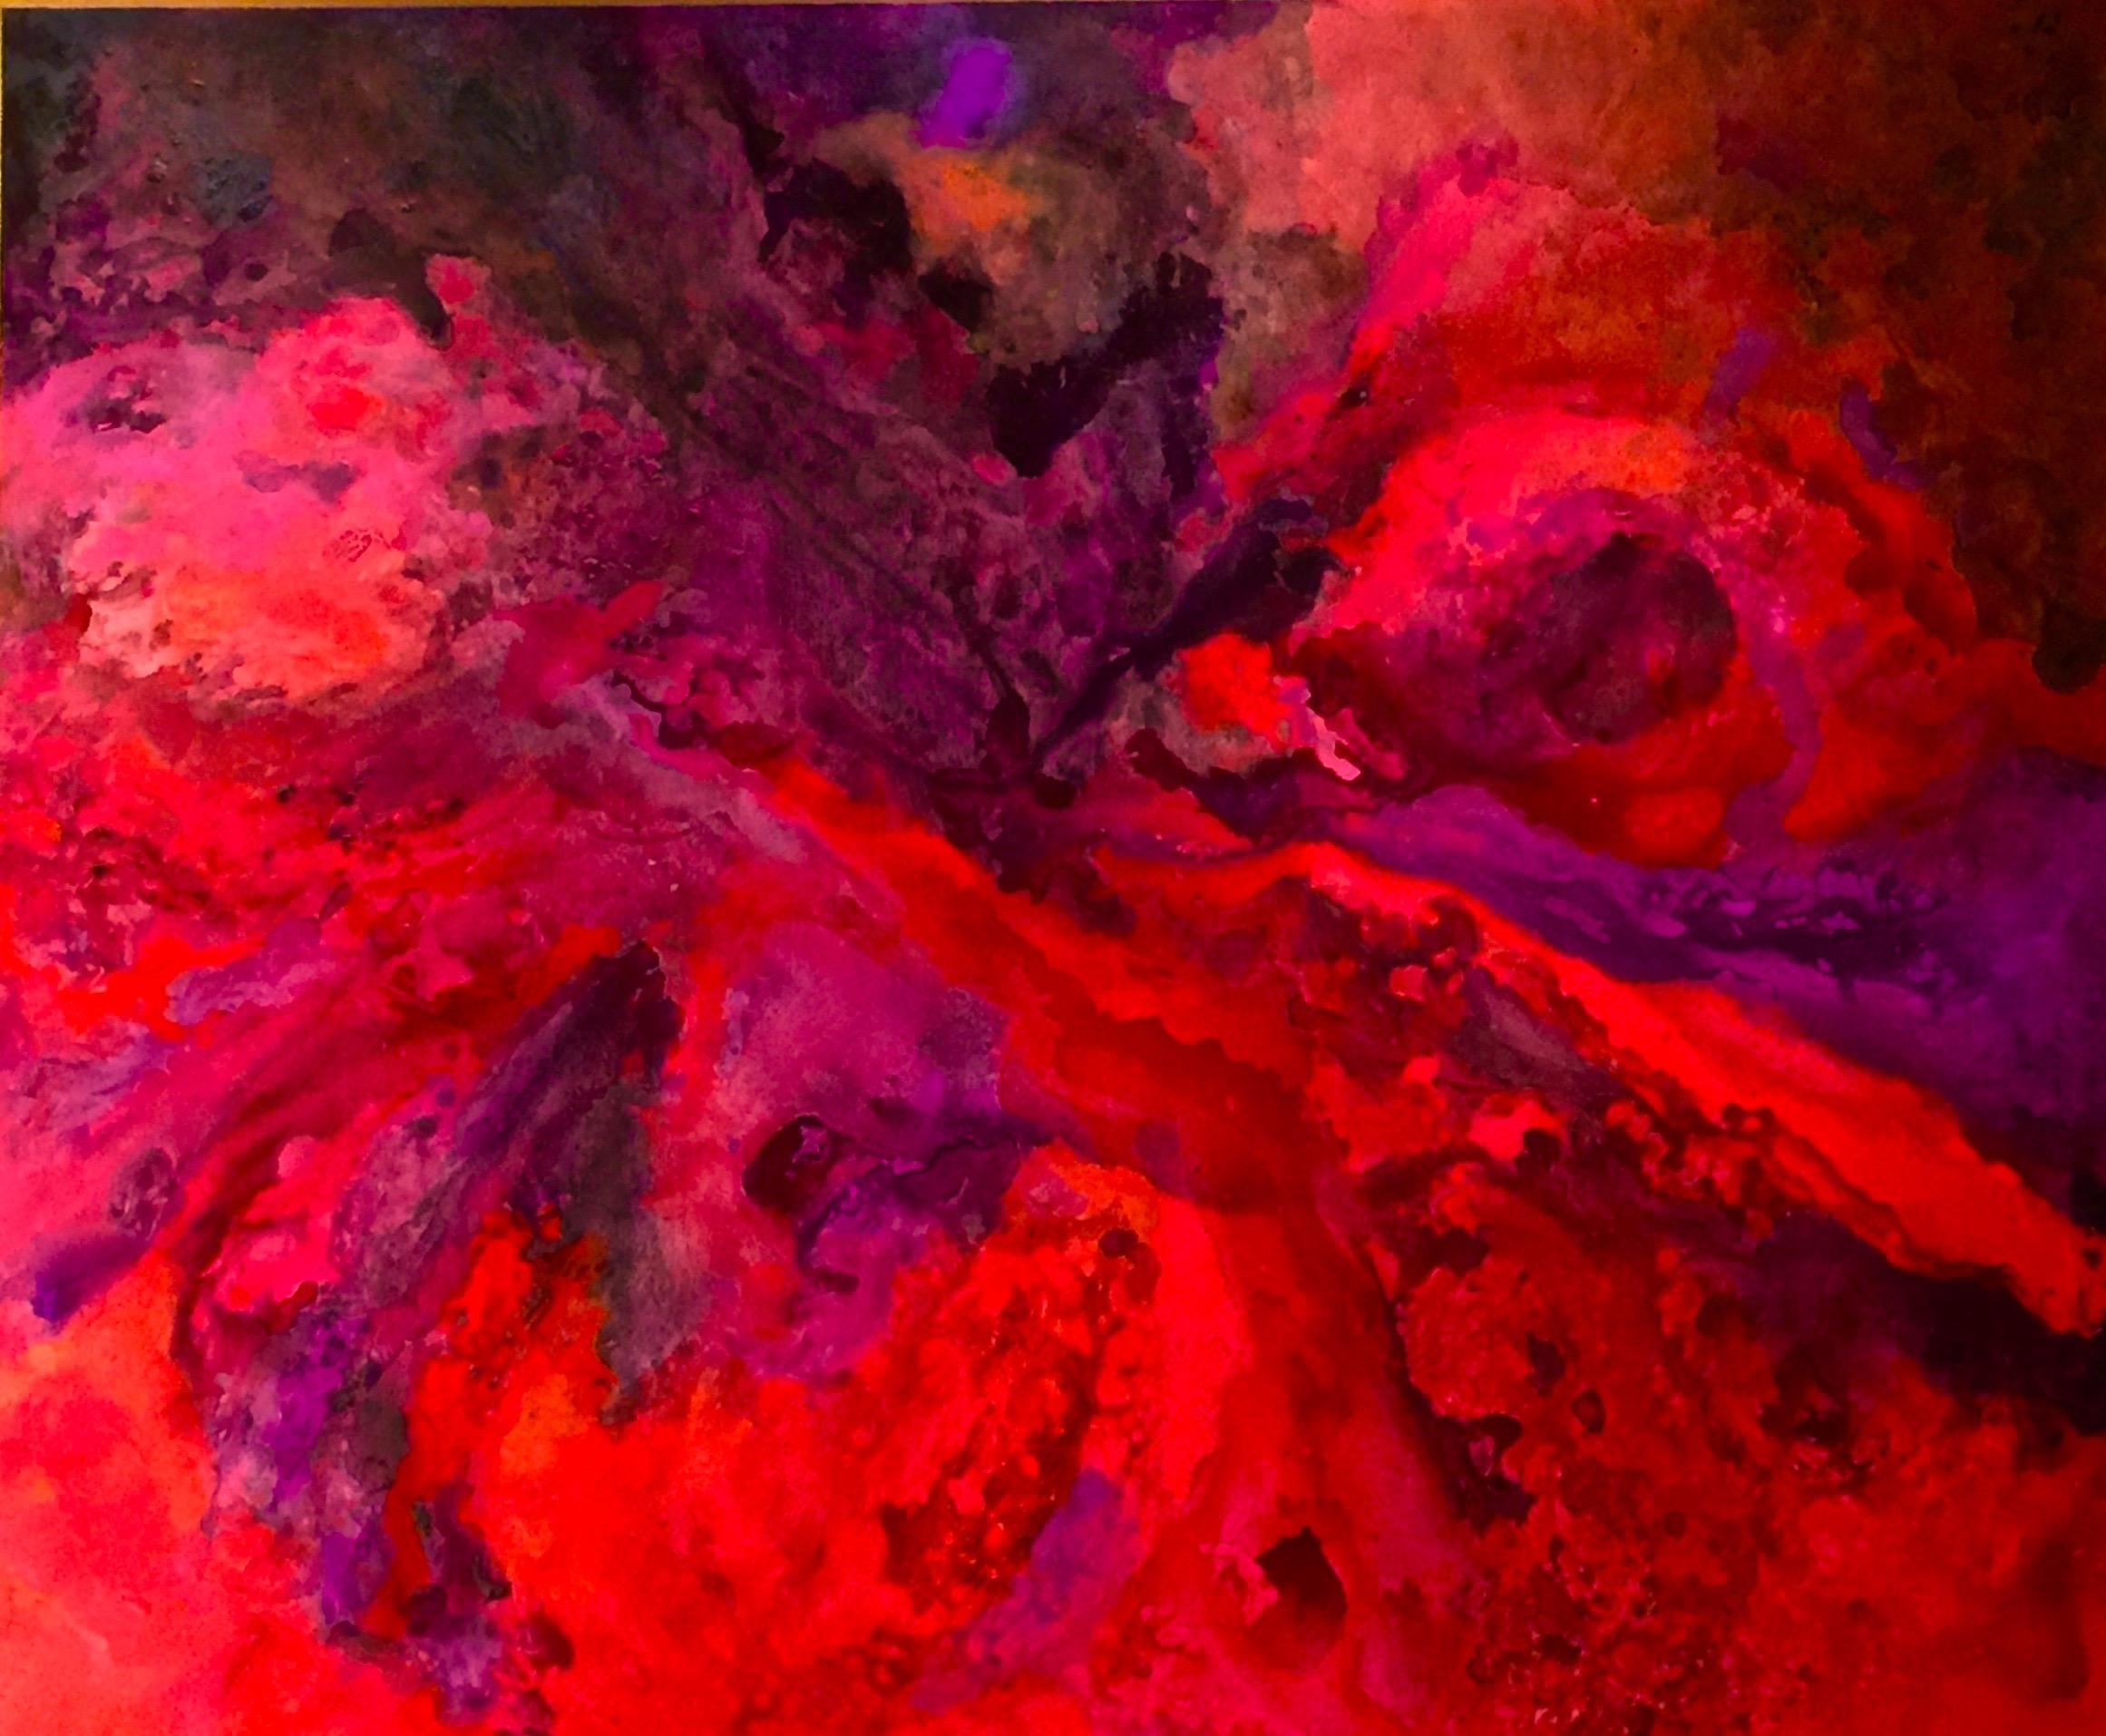 Tilte: Lava Commission Painting